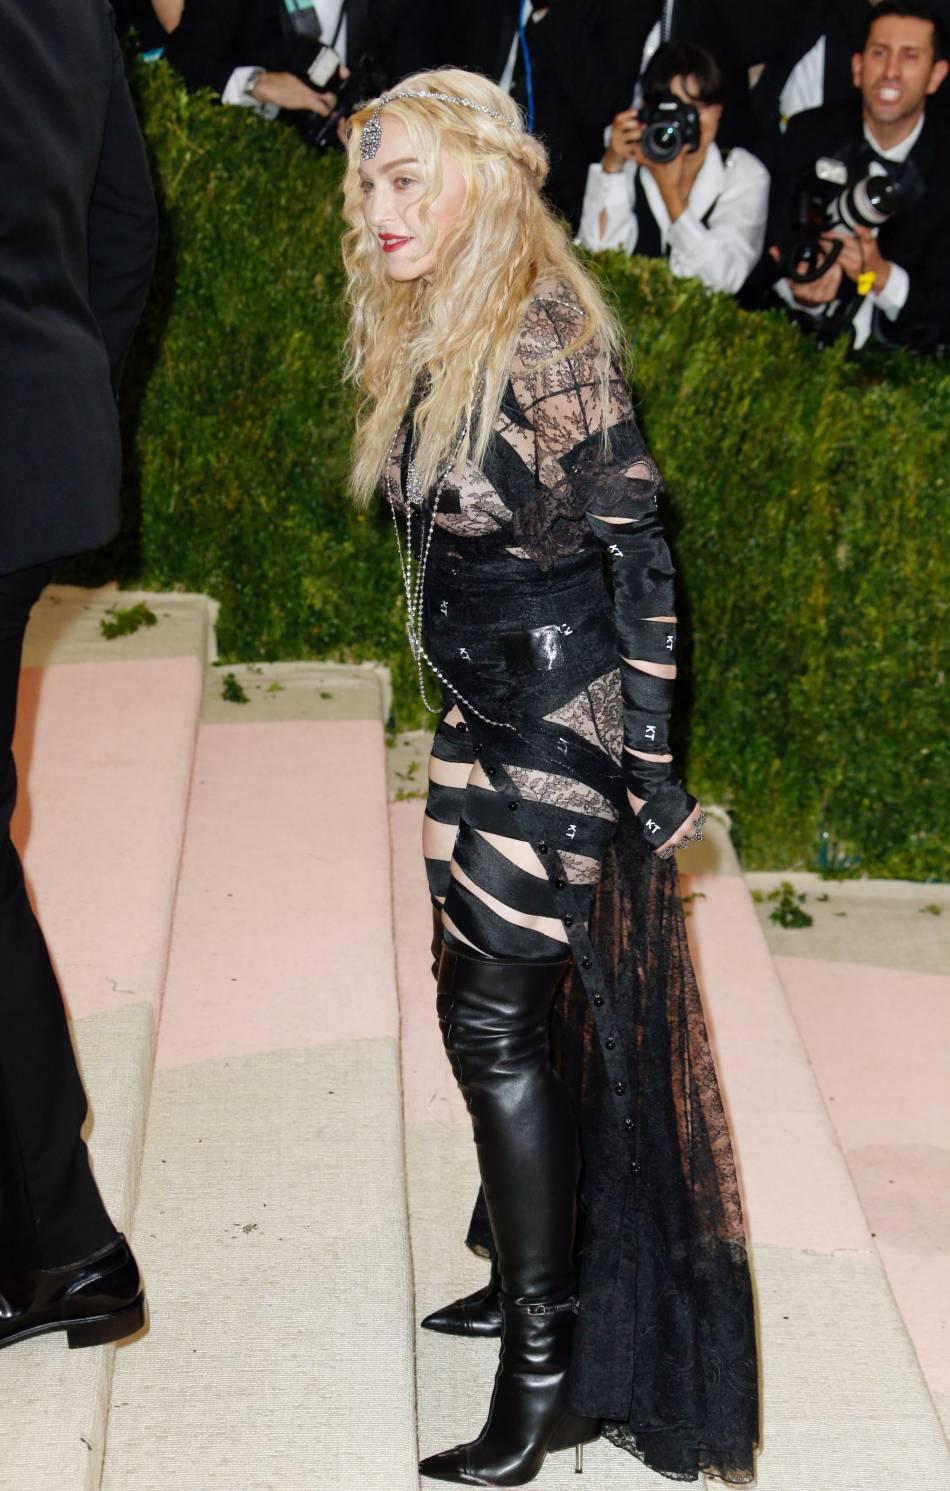 Madonna défigurée au botox, elle est méconnaissable.